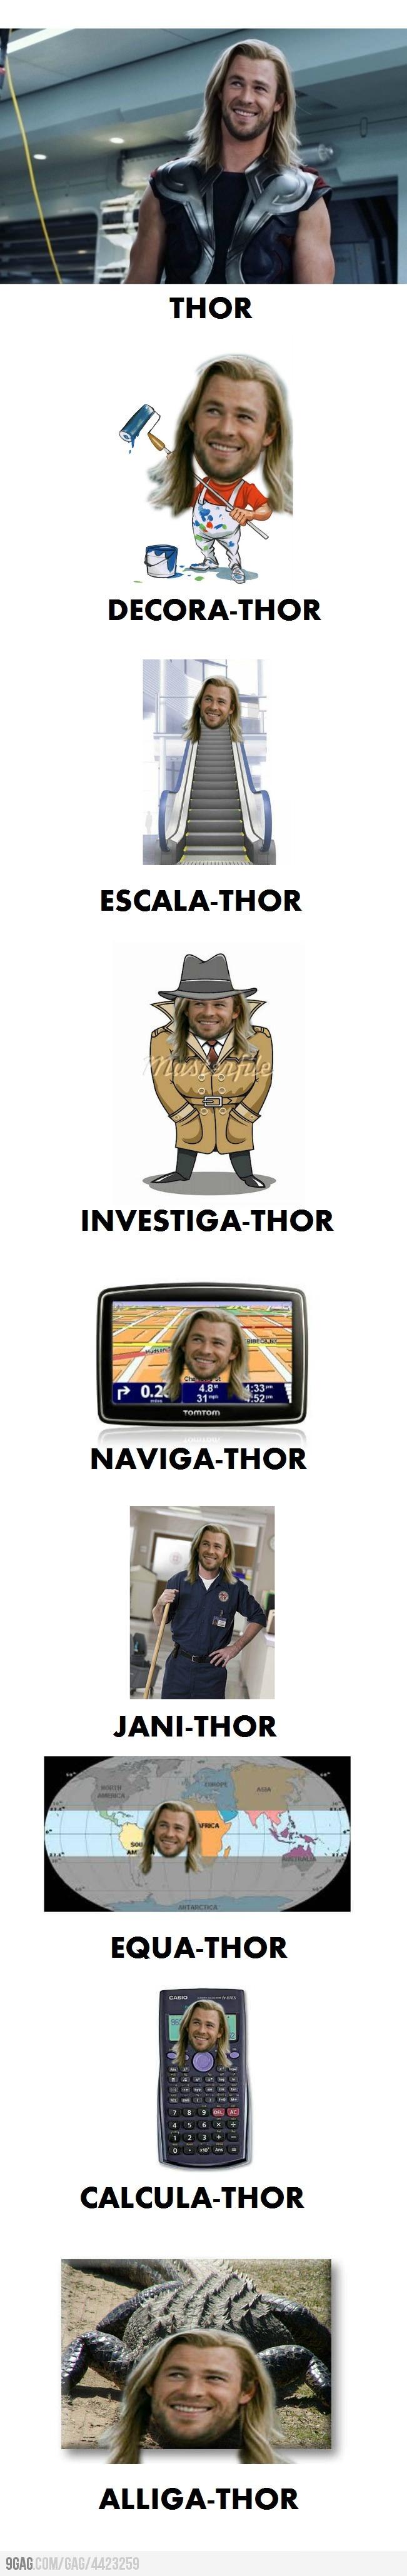 ThorJobs 9GAG - Fast: Thor Puns, Random, Funny Stuff, Funnies, Humor, Superhero